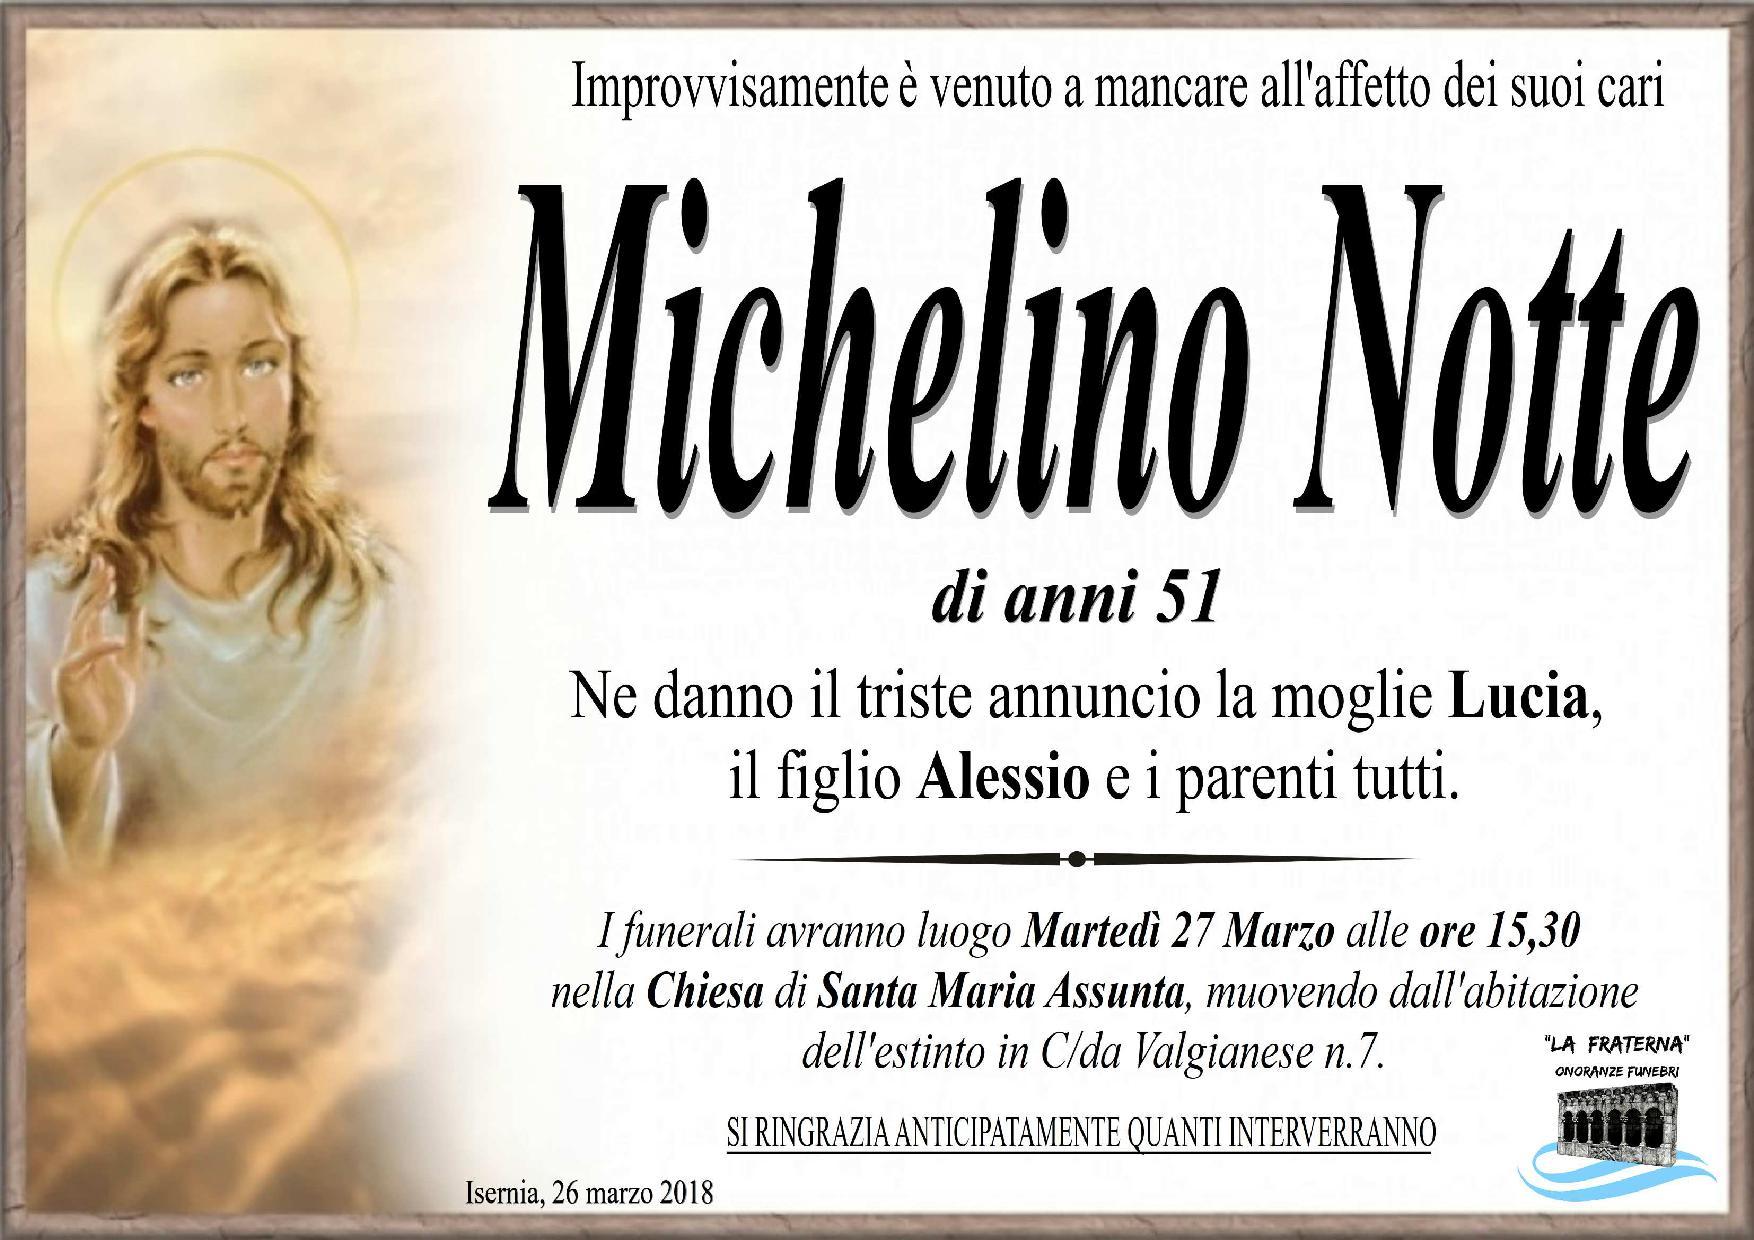 Michelino Notte – 26/03/2018 – Isernia – Onoranze Funebri La Fraterna